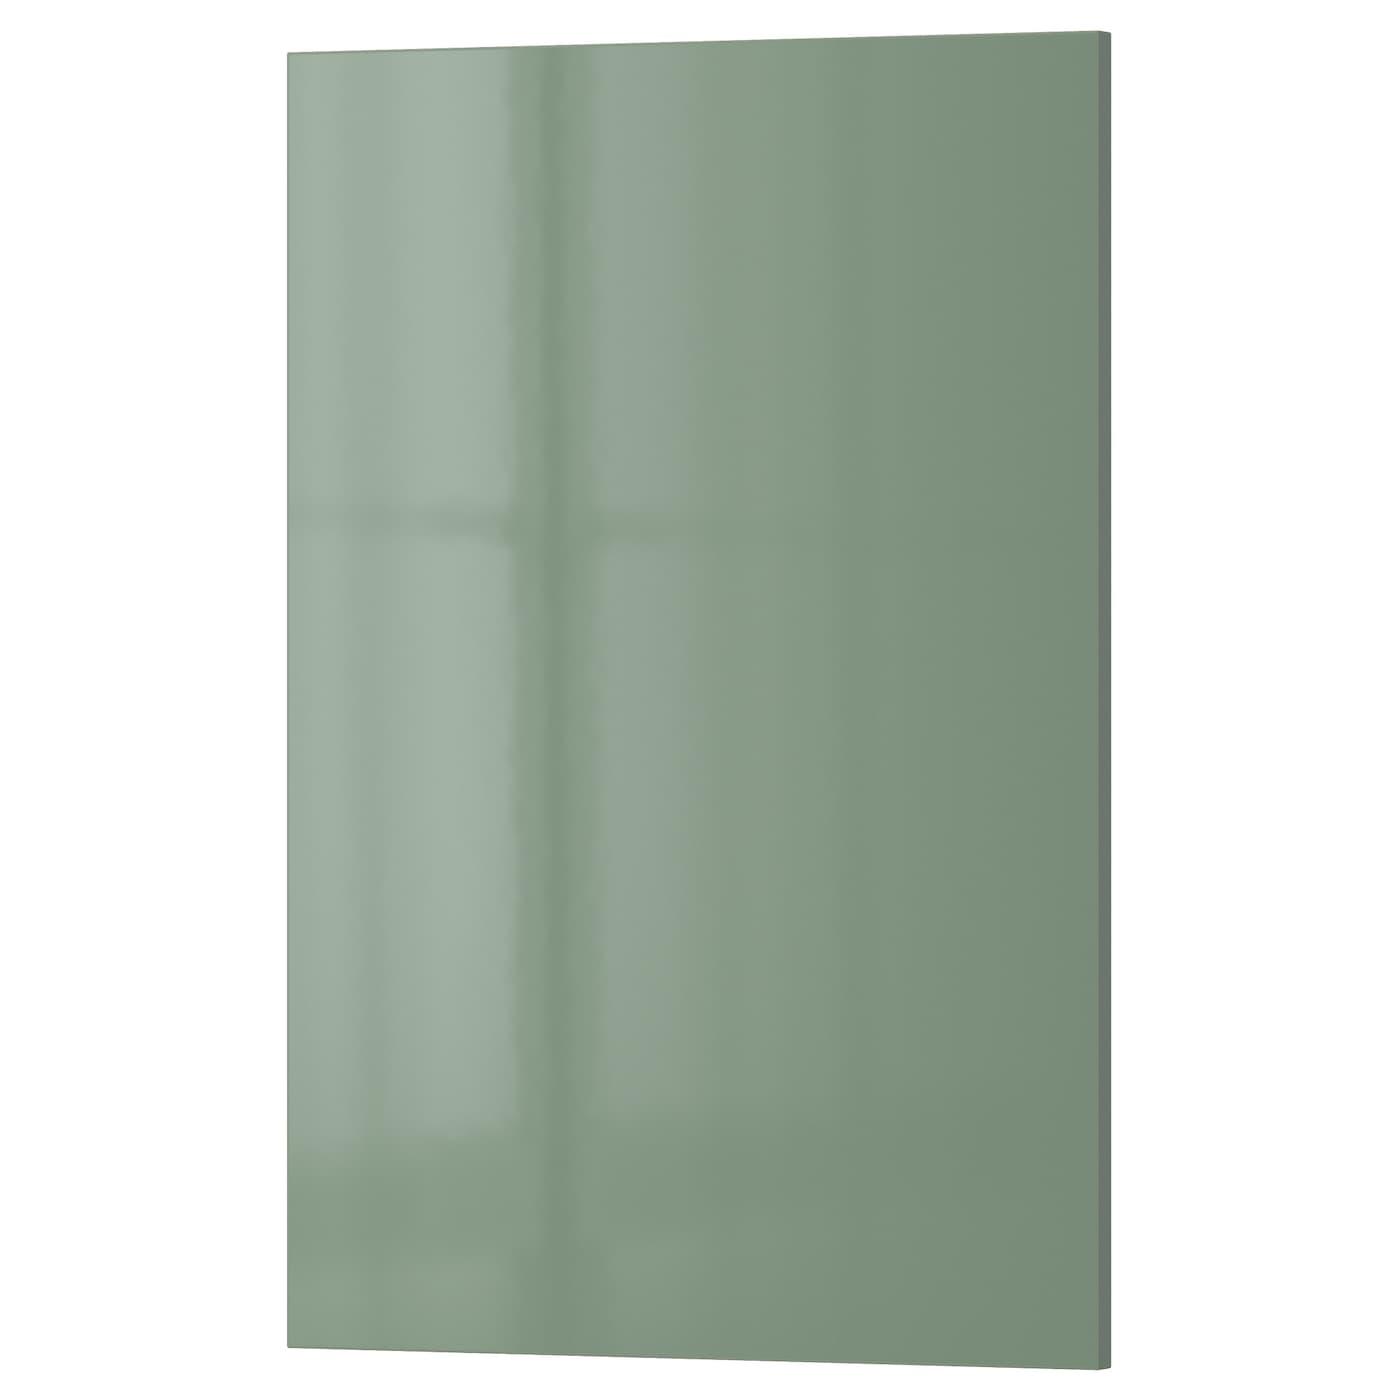 Kallarp Door High Gloss Light Green 40x60 Cm Ikea